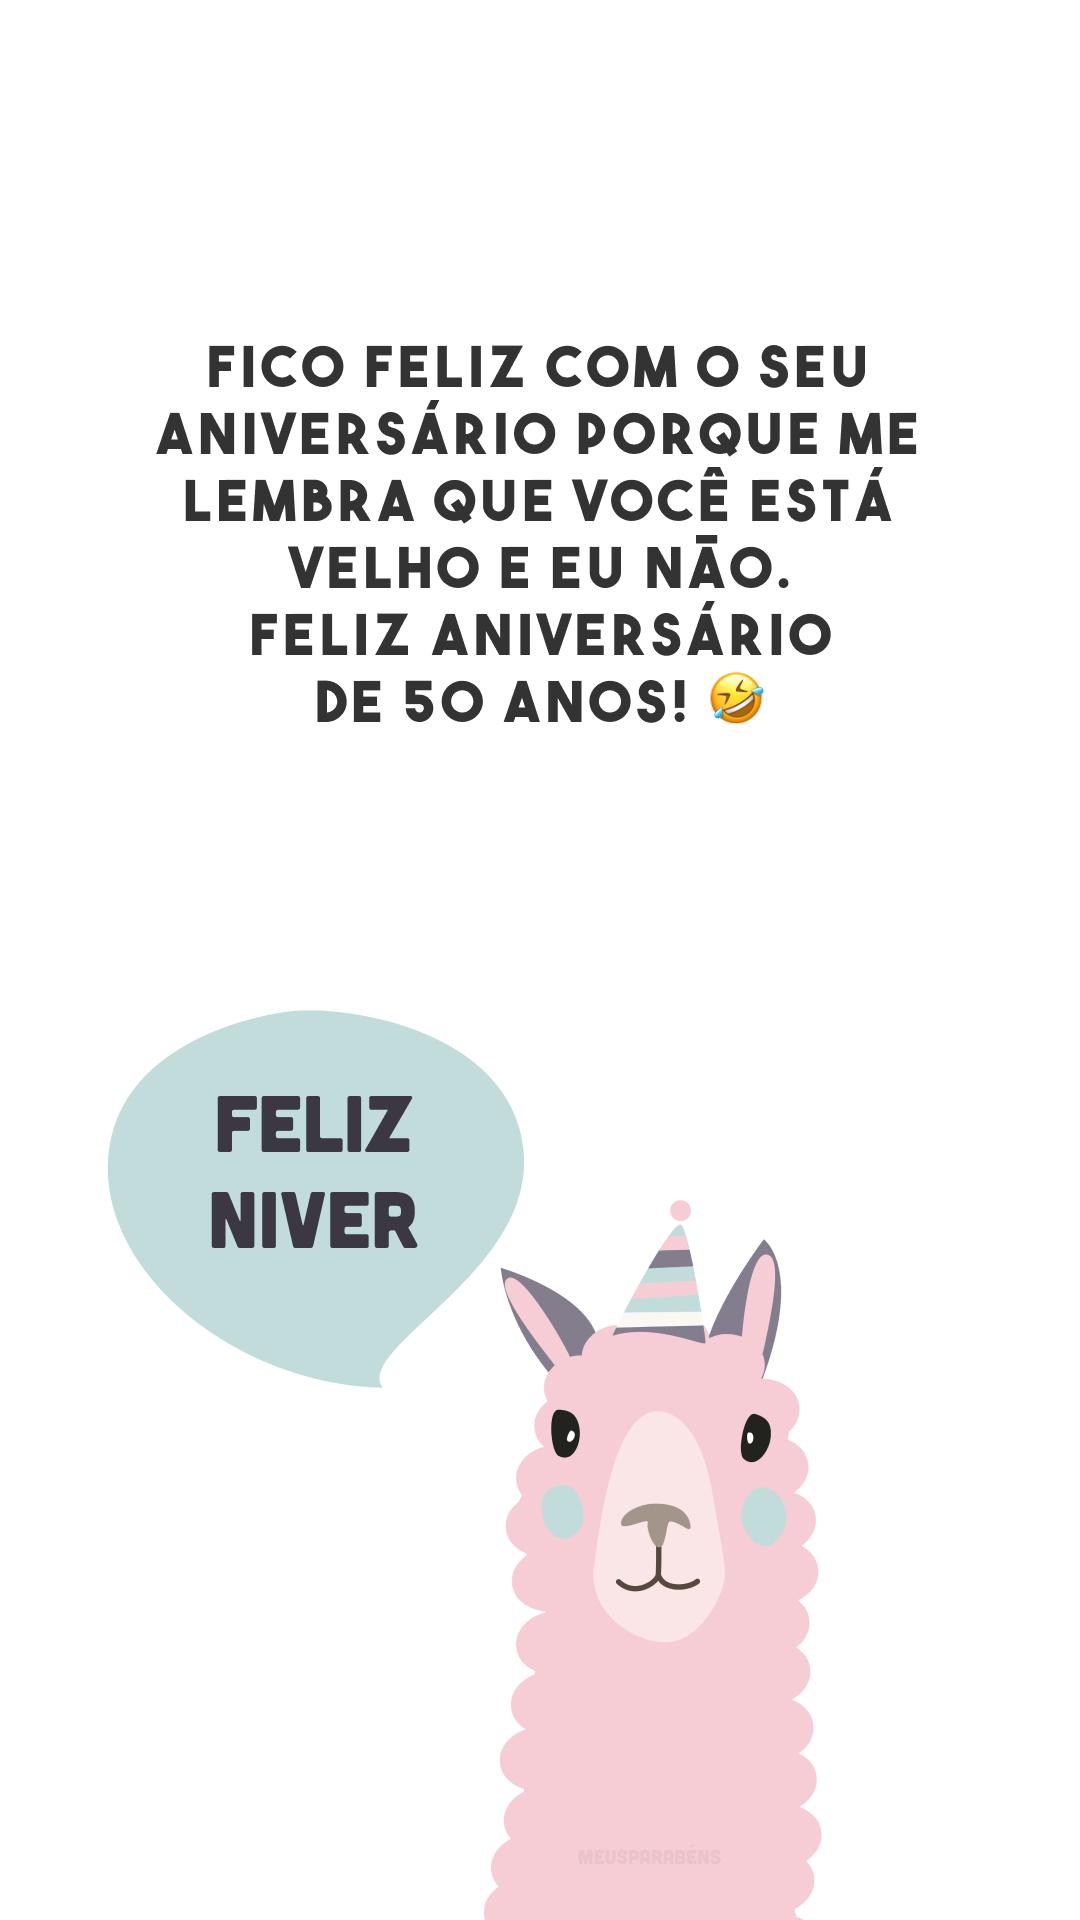 Fico feliz com o seu aniversário porque me lembra que você está velho e eu não. Feliz aniversário de 50 anos! 🤣